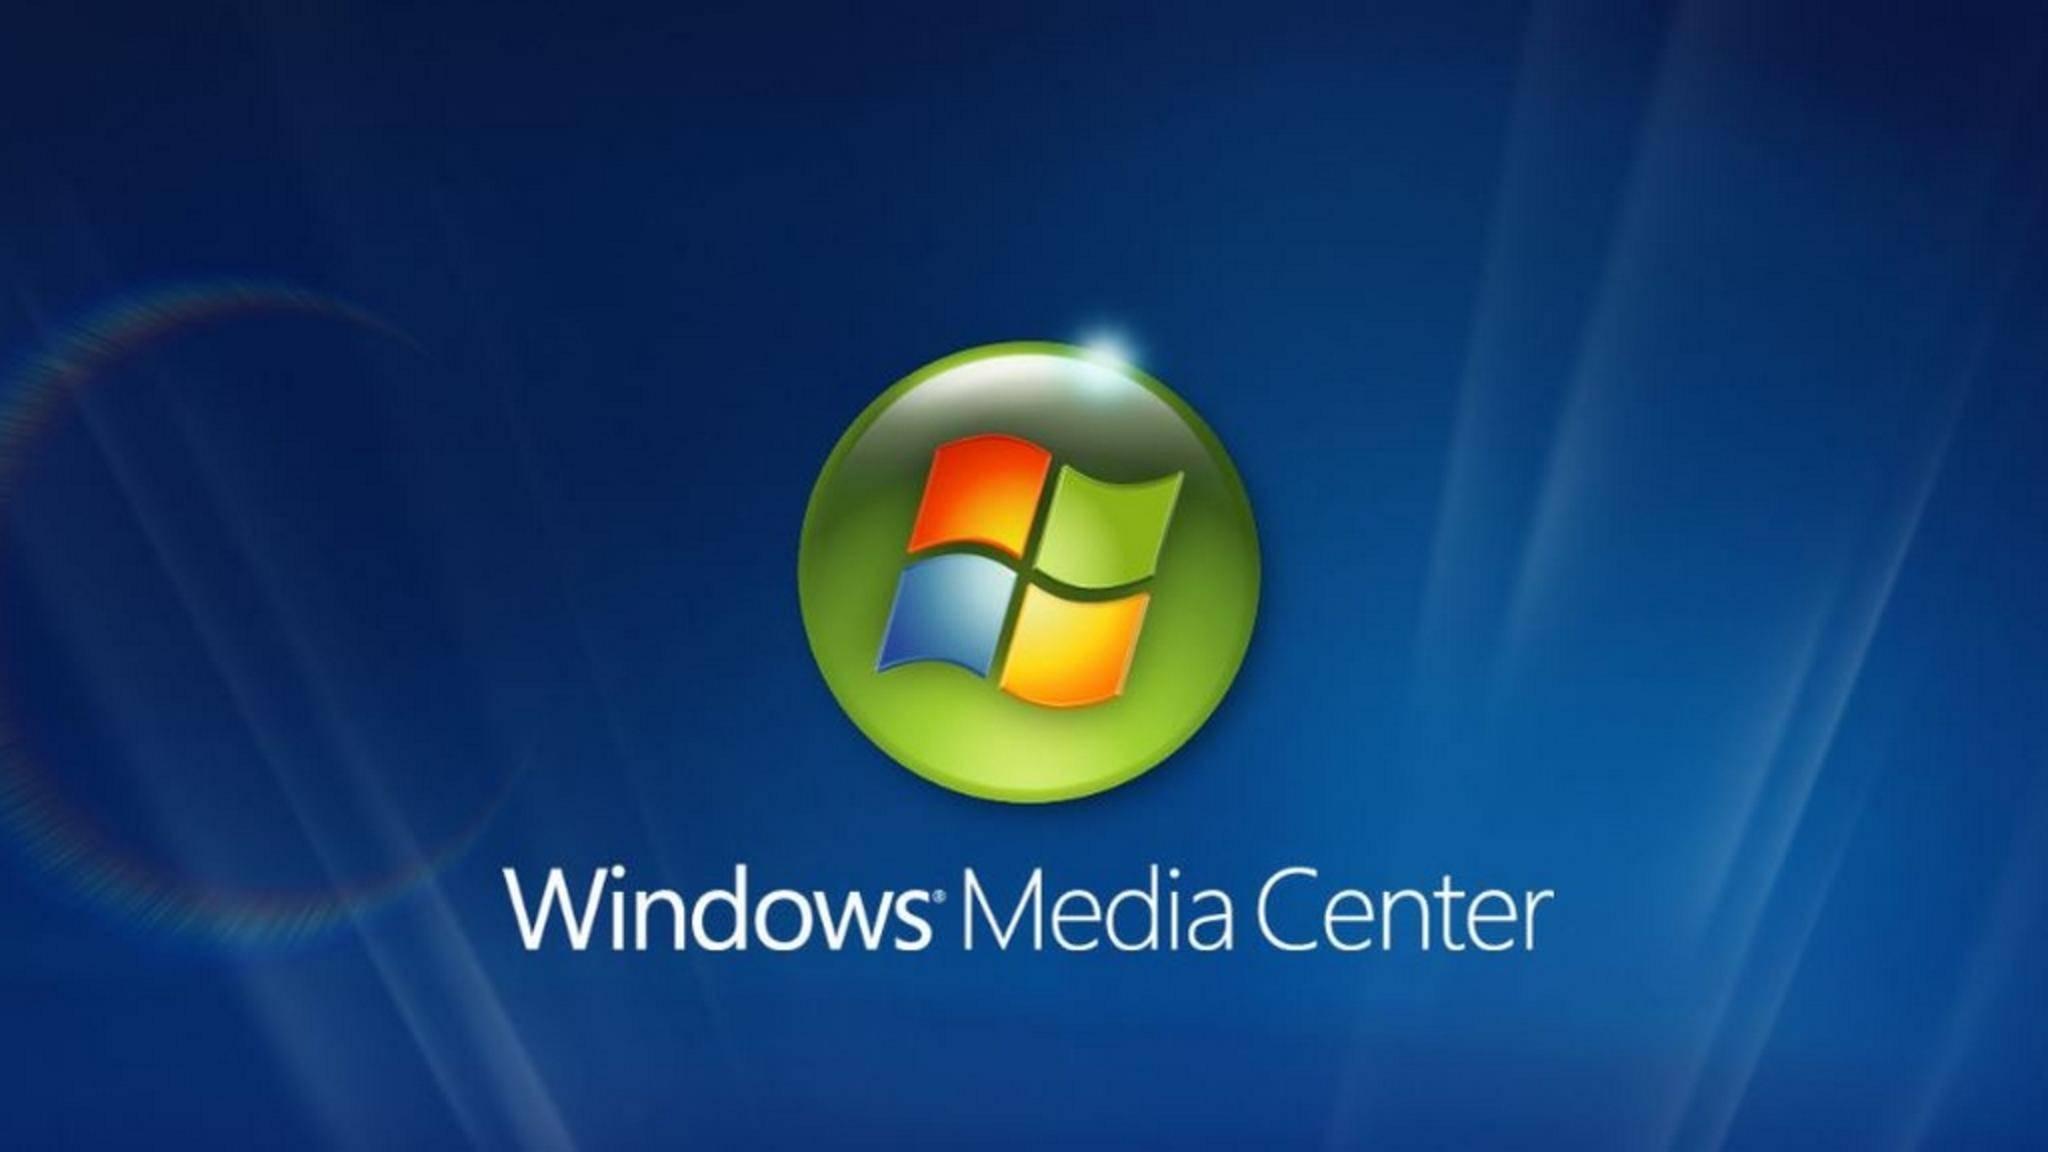 Wir zeigen Dir, wie Du das Windows Media Center weiterhin nutzen kannst.